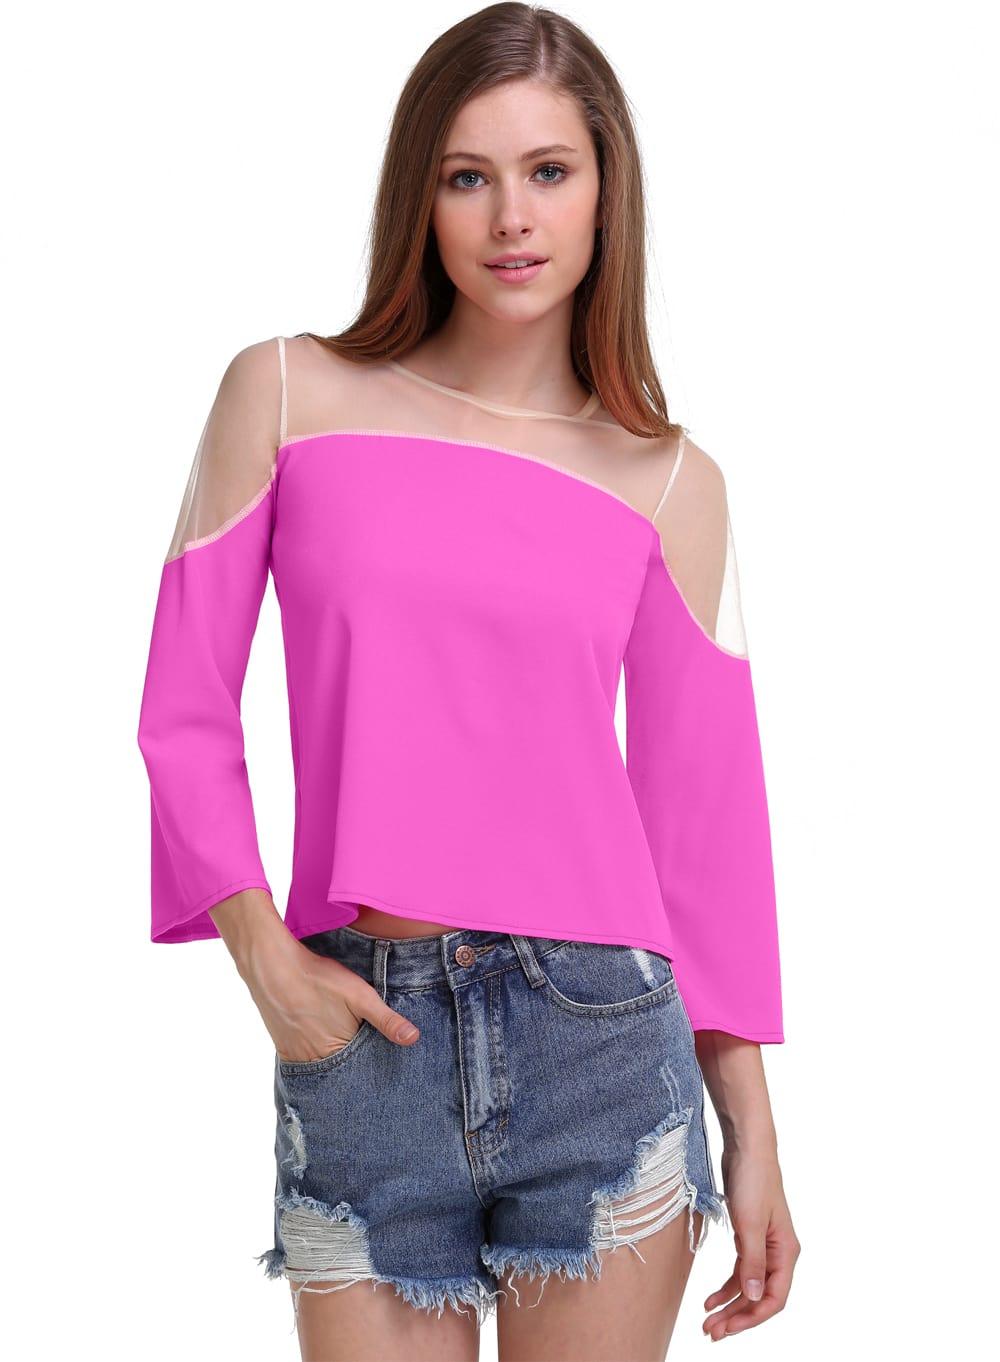 rose red contrast sheer mesh yoke chiffon blouse